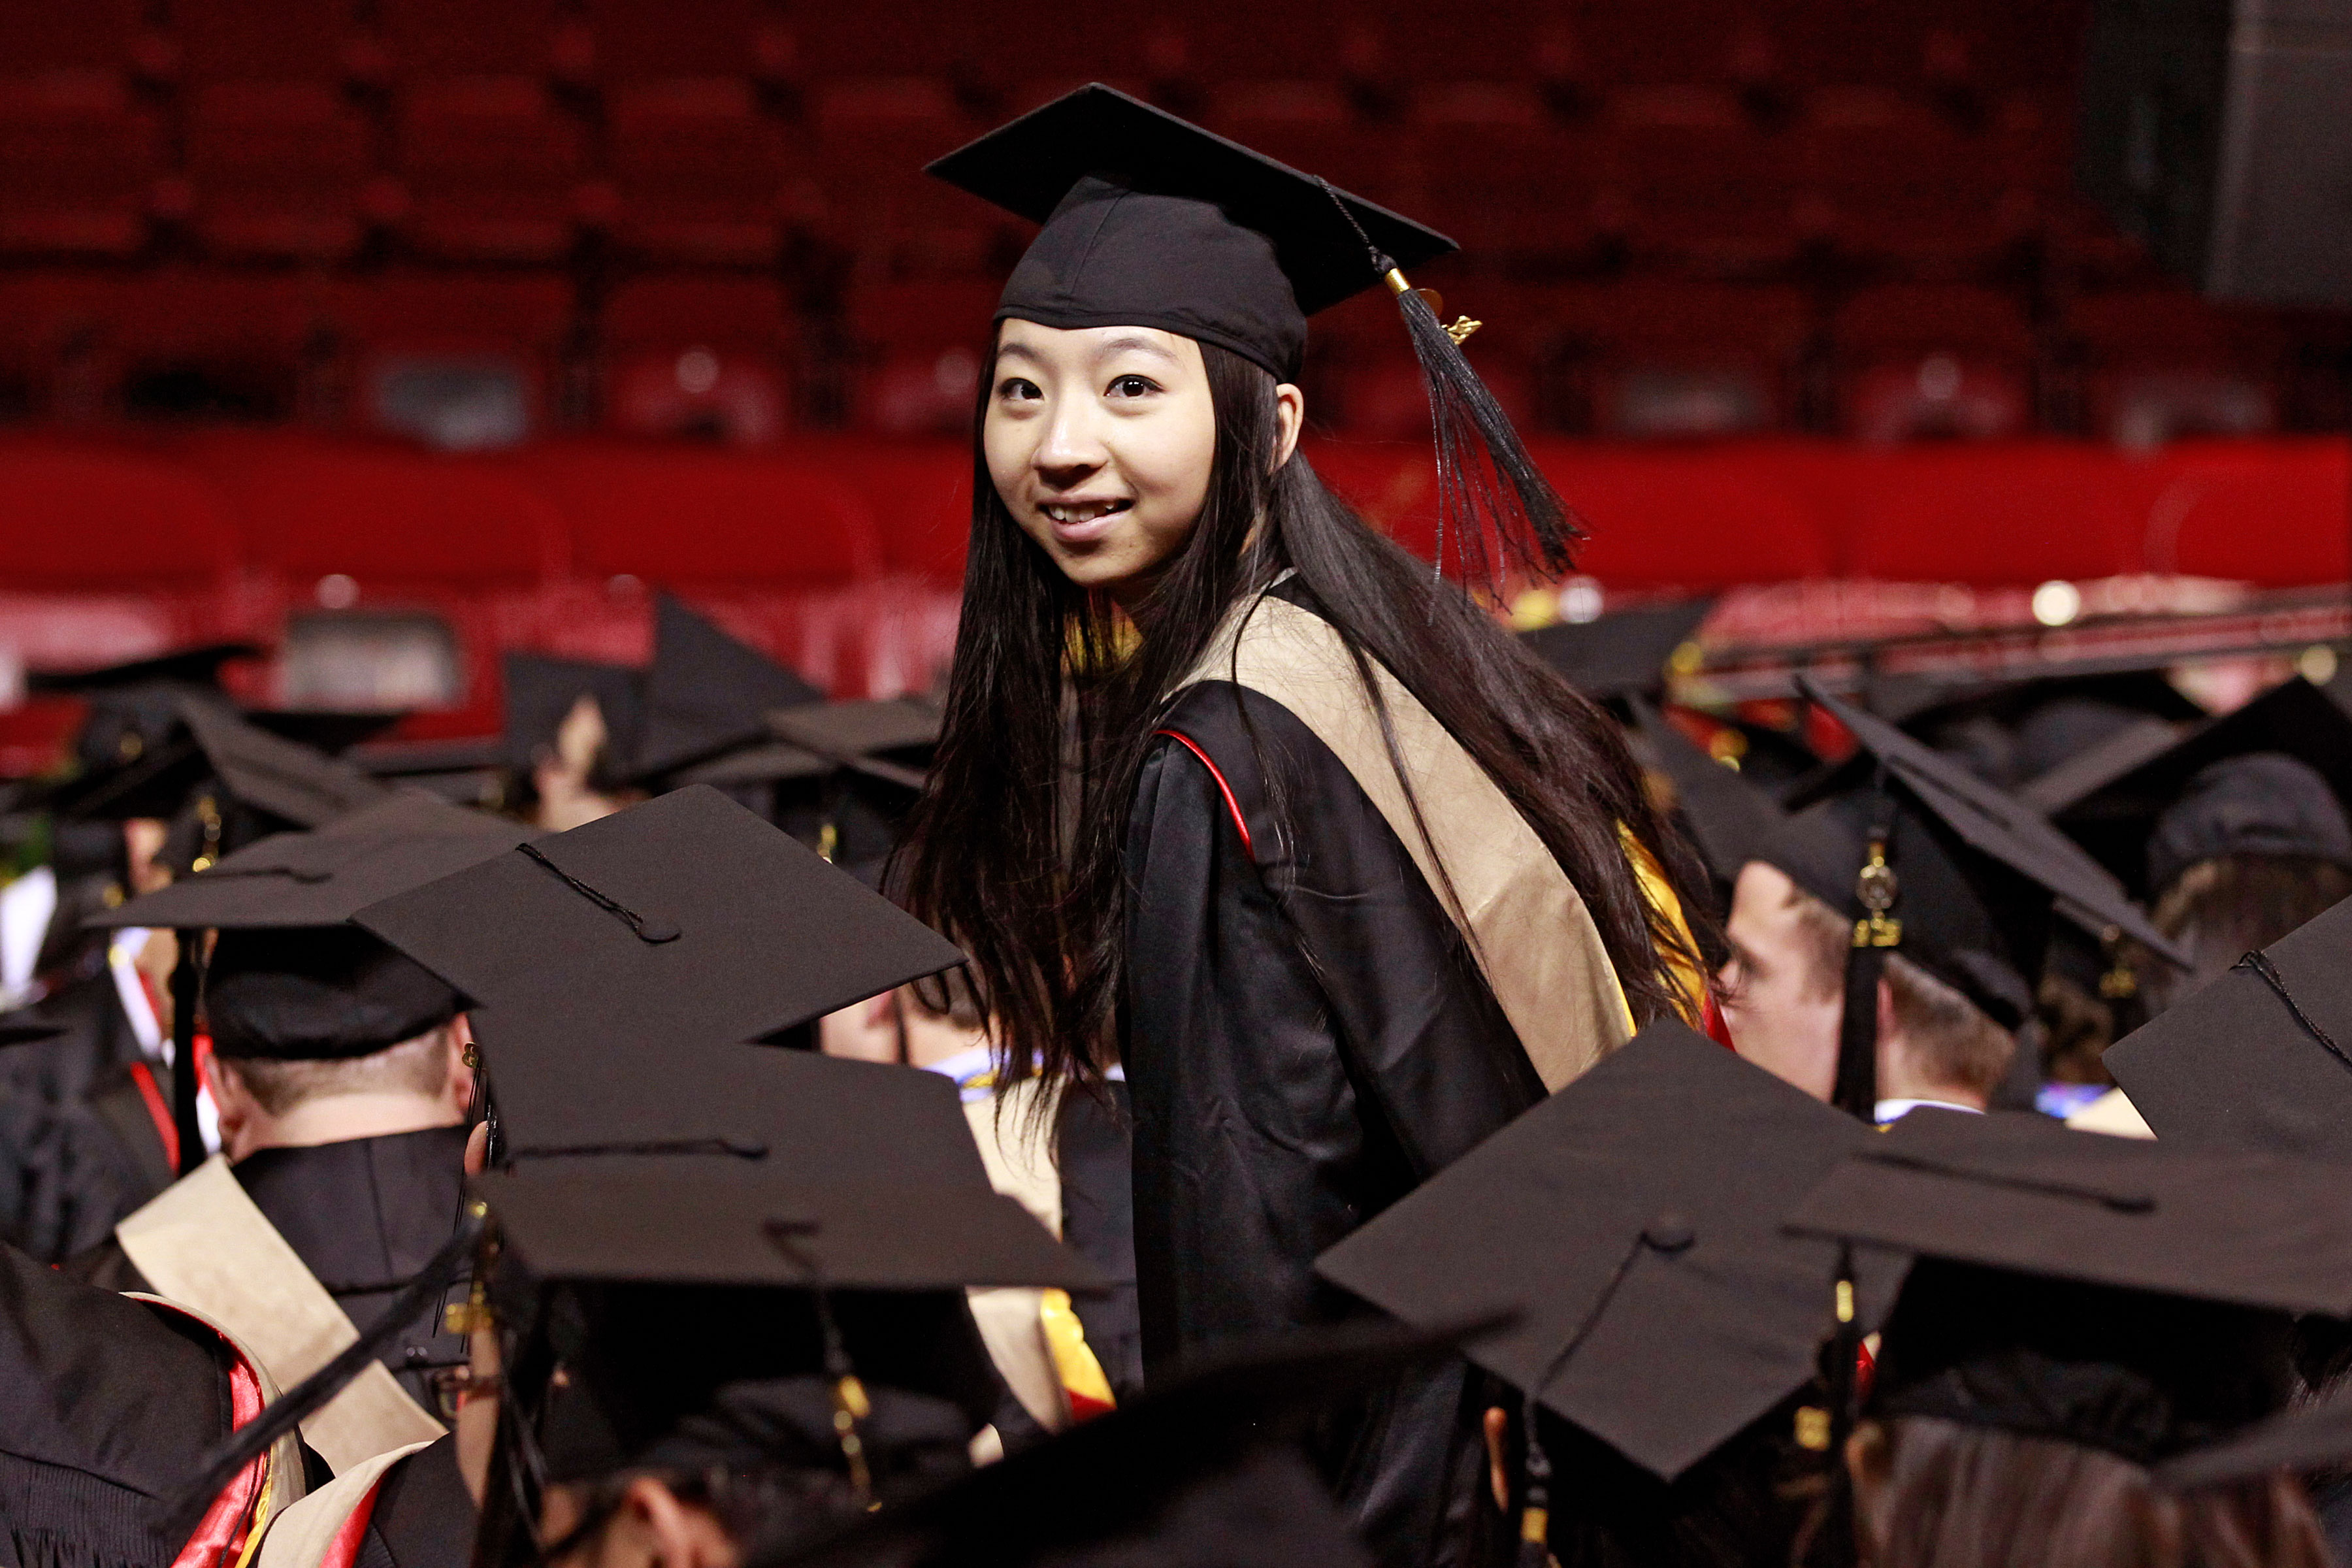 Photo: Colorado Denver Univeristy 2013 Commencement - AP